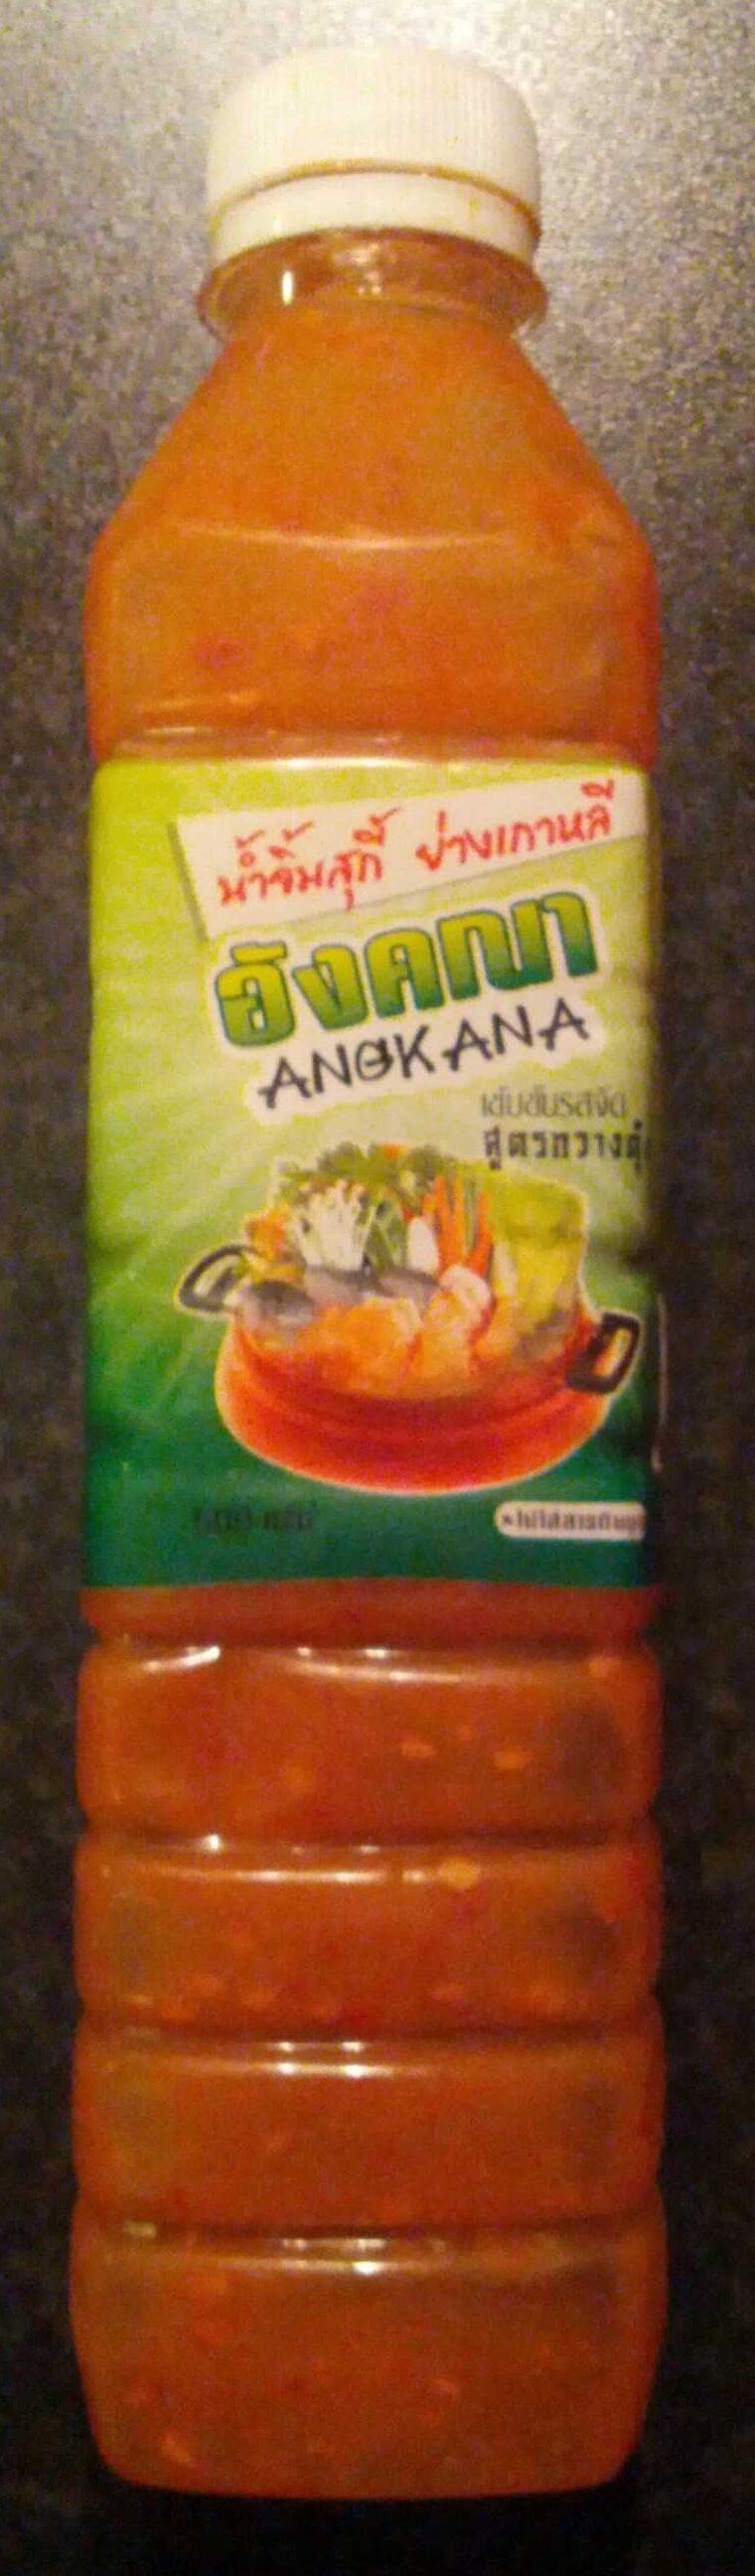 Sukiyaki sauce - Product - en